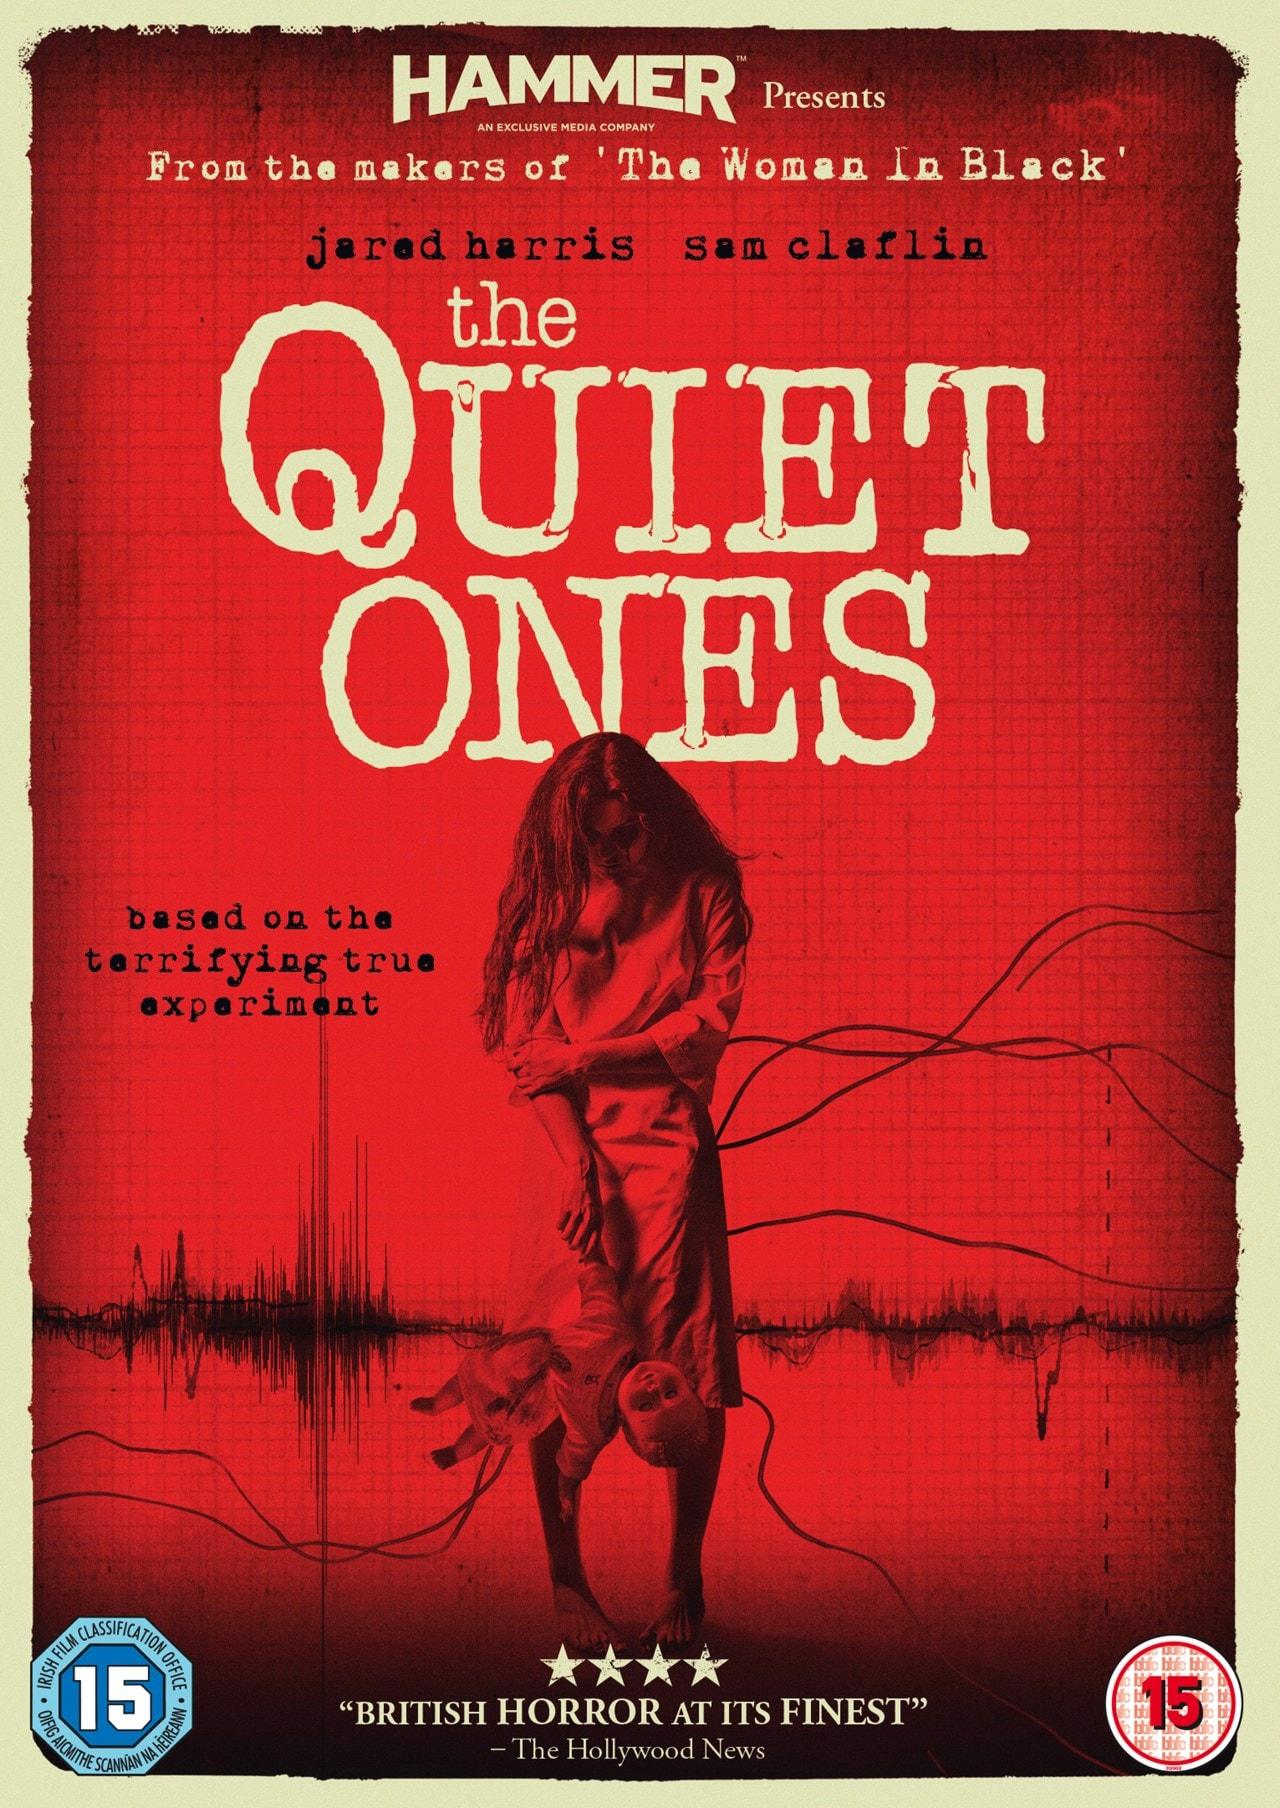 The Quiet Ones - 1